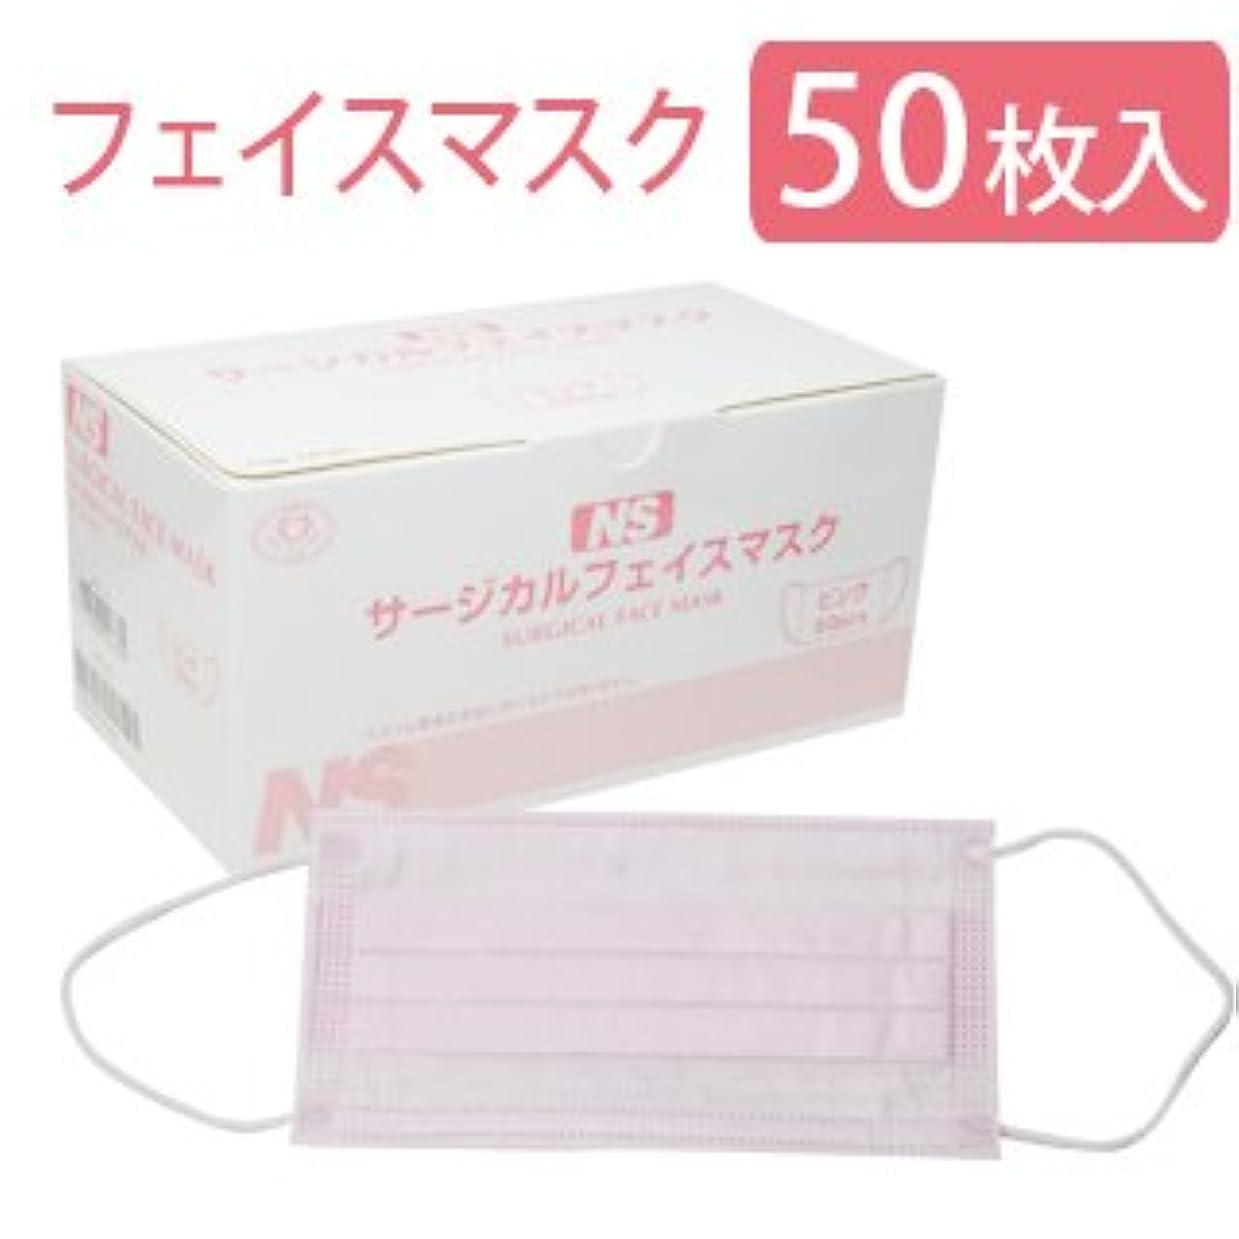 抗生物質考案するヒゲNew サージカルフェイスマスク NS 使い捨て ピンク 3層構造 50枚入